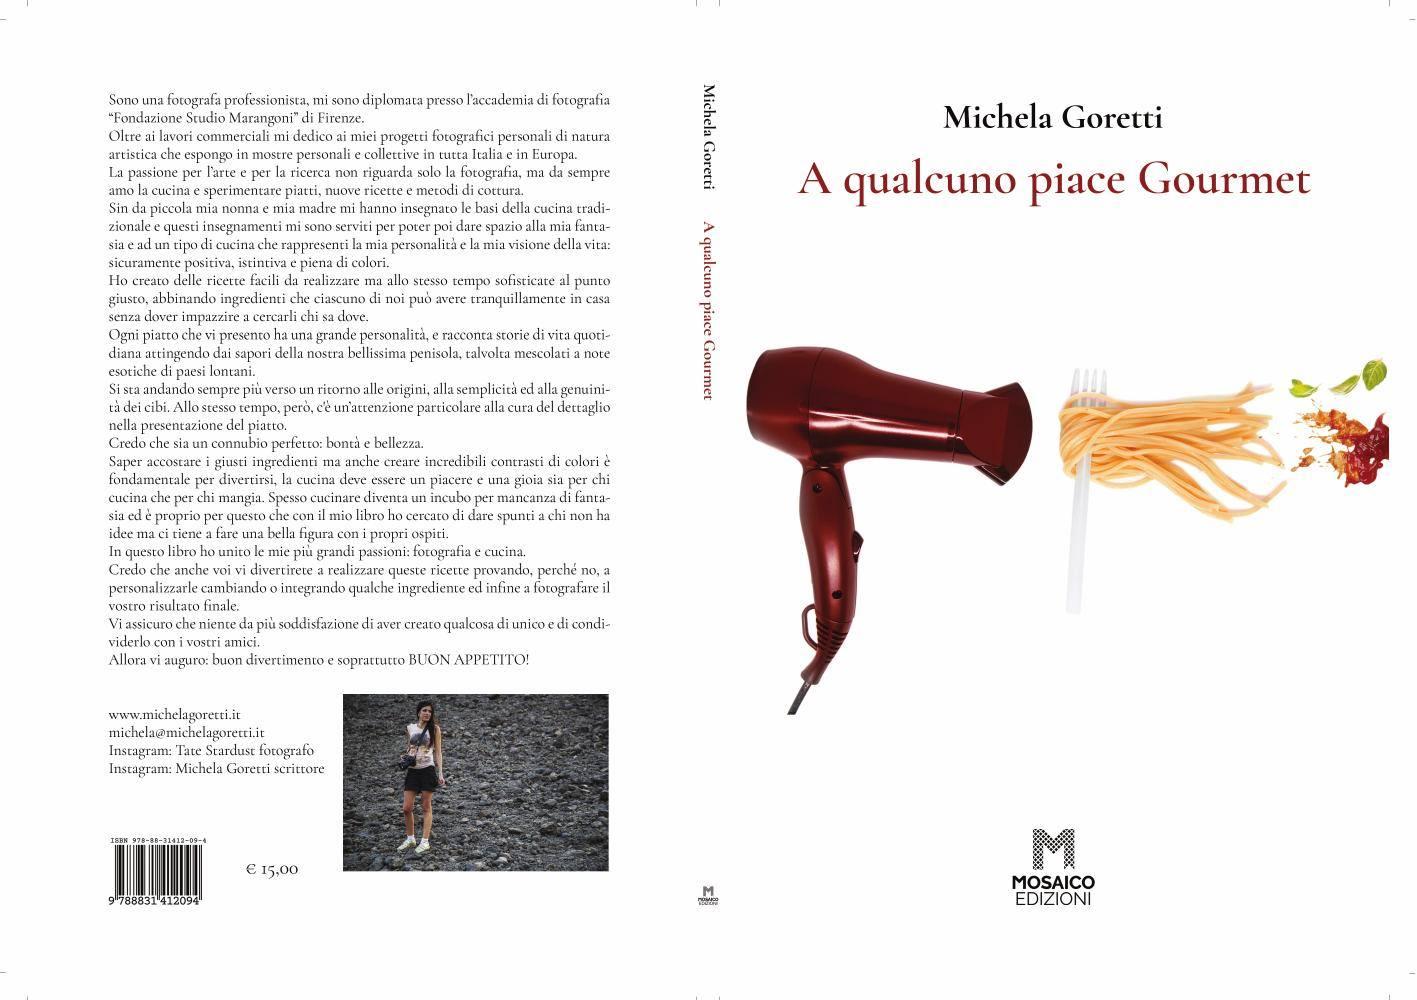 """""""A qualcuno piace Gourmet"""", il libro di Michela Goretti (Mosaico Edizioni)"""